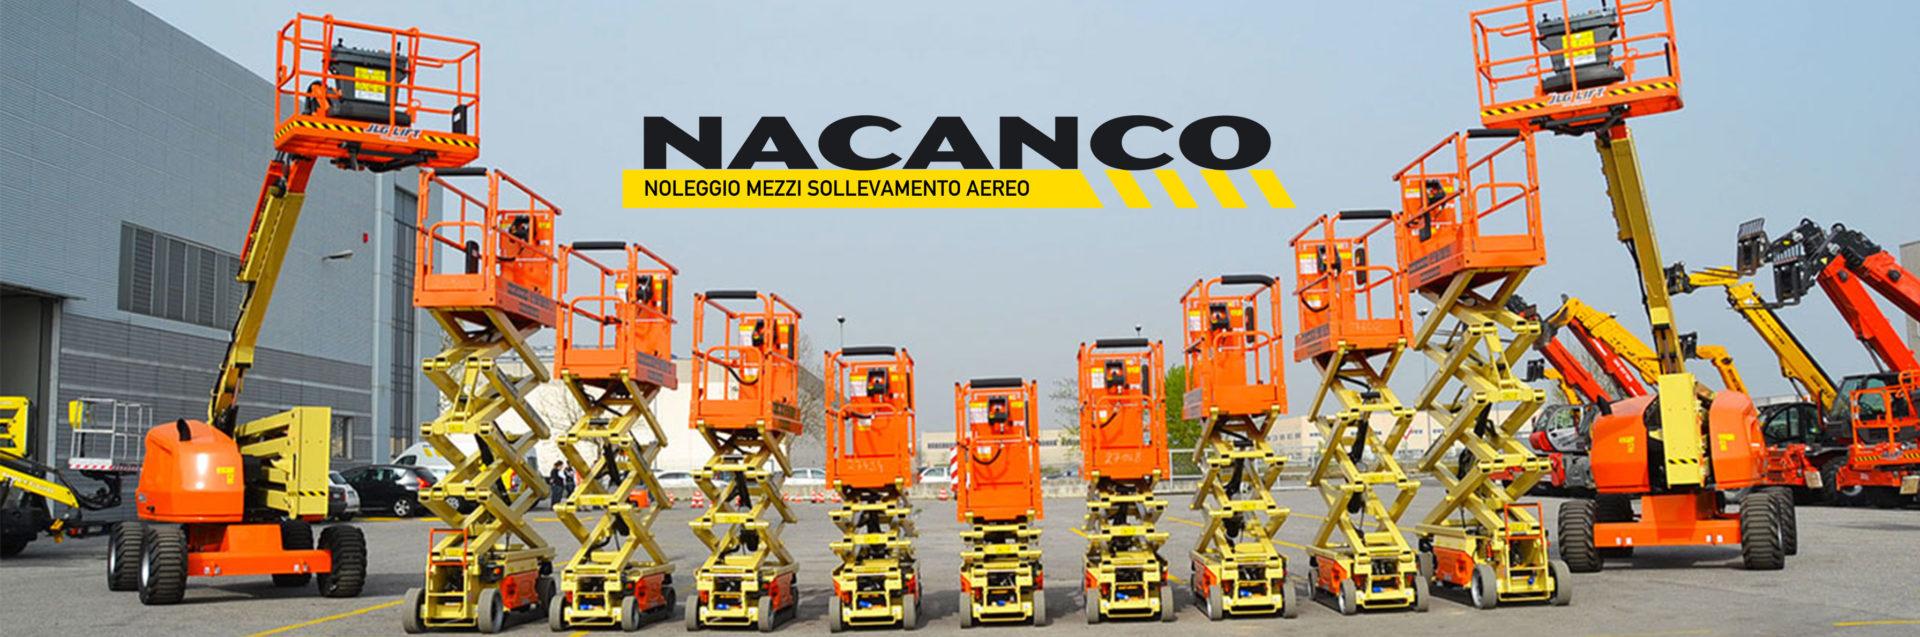 LOXAM entre sur le marché italien avec l'acquisition du loueur Nacanco